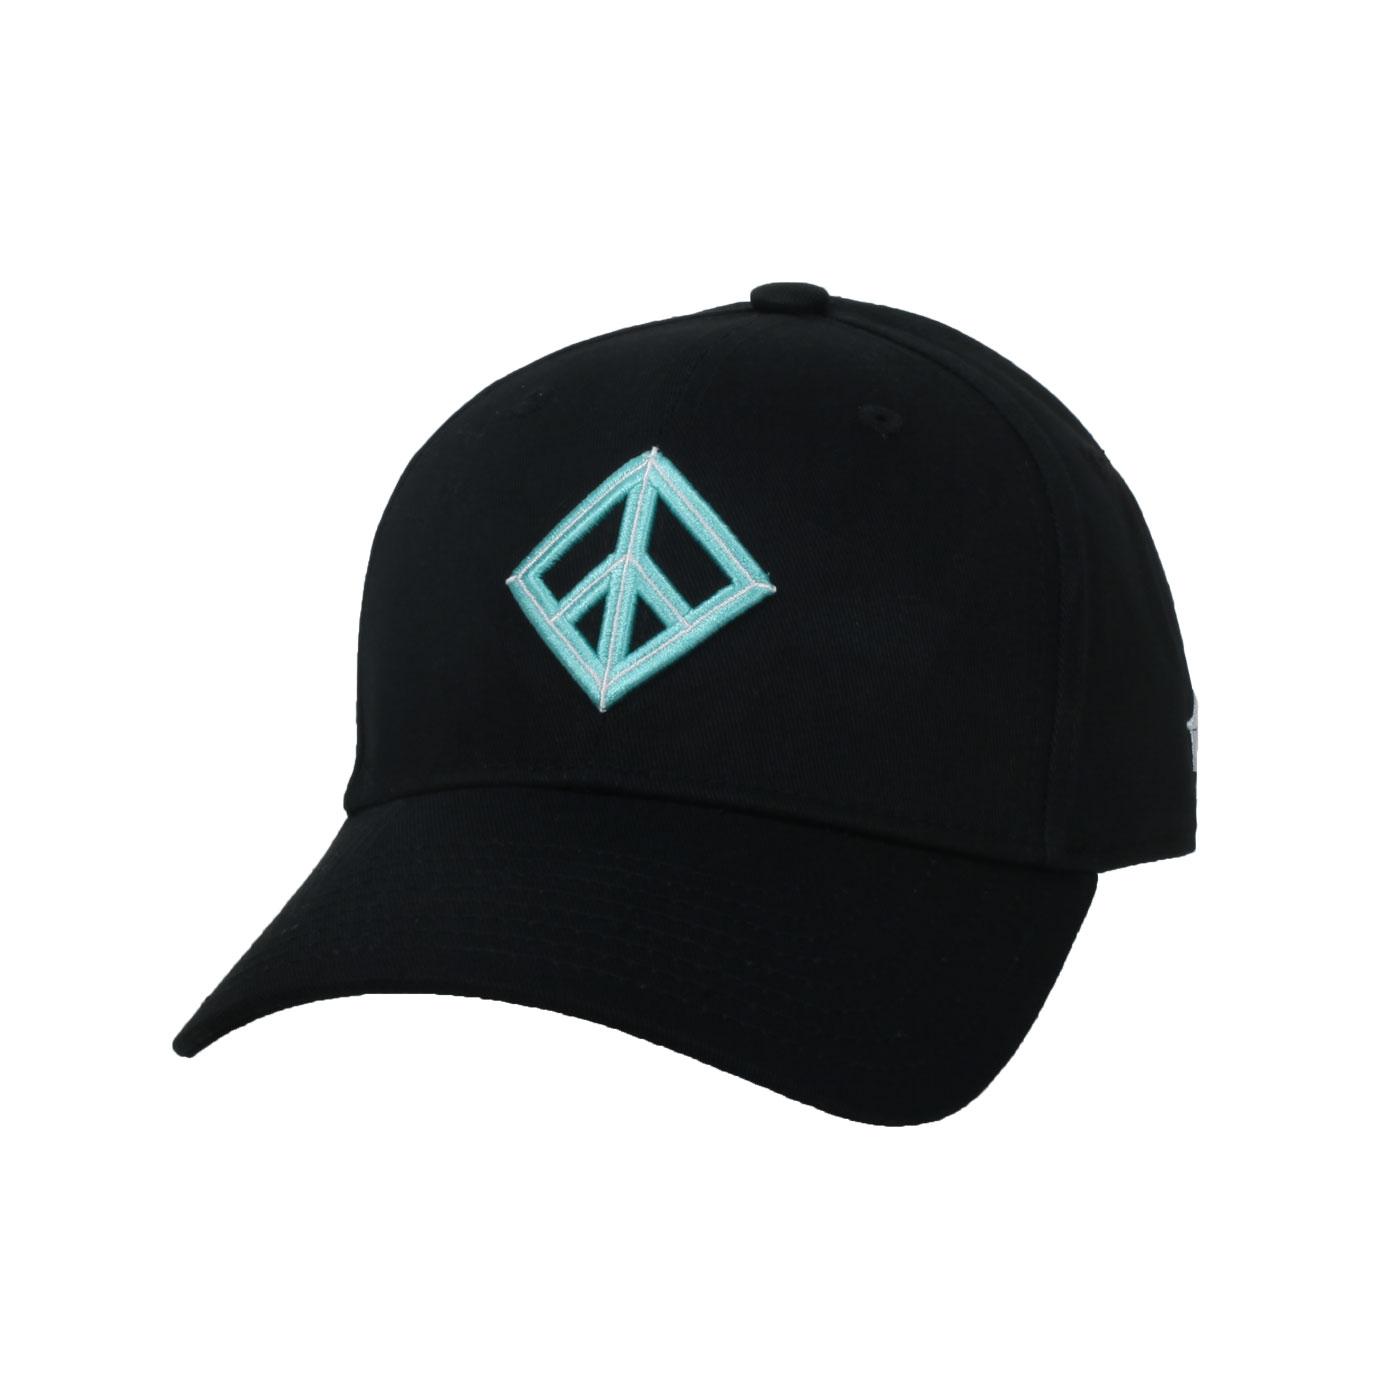 KAPPA DD52聯名球帽 35151EW-005 - 黑粉綠